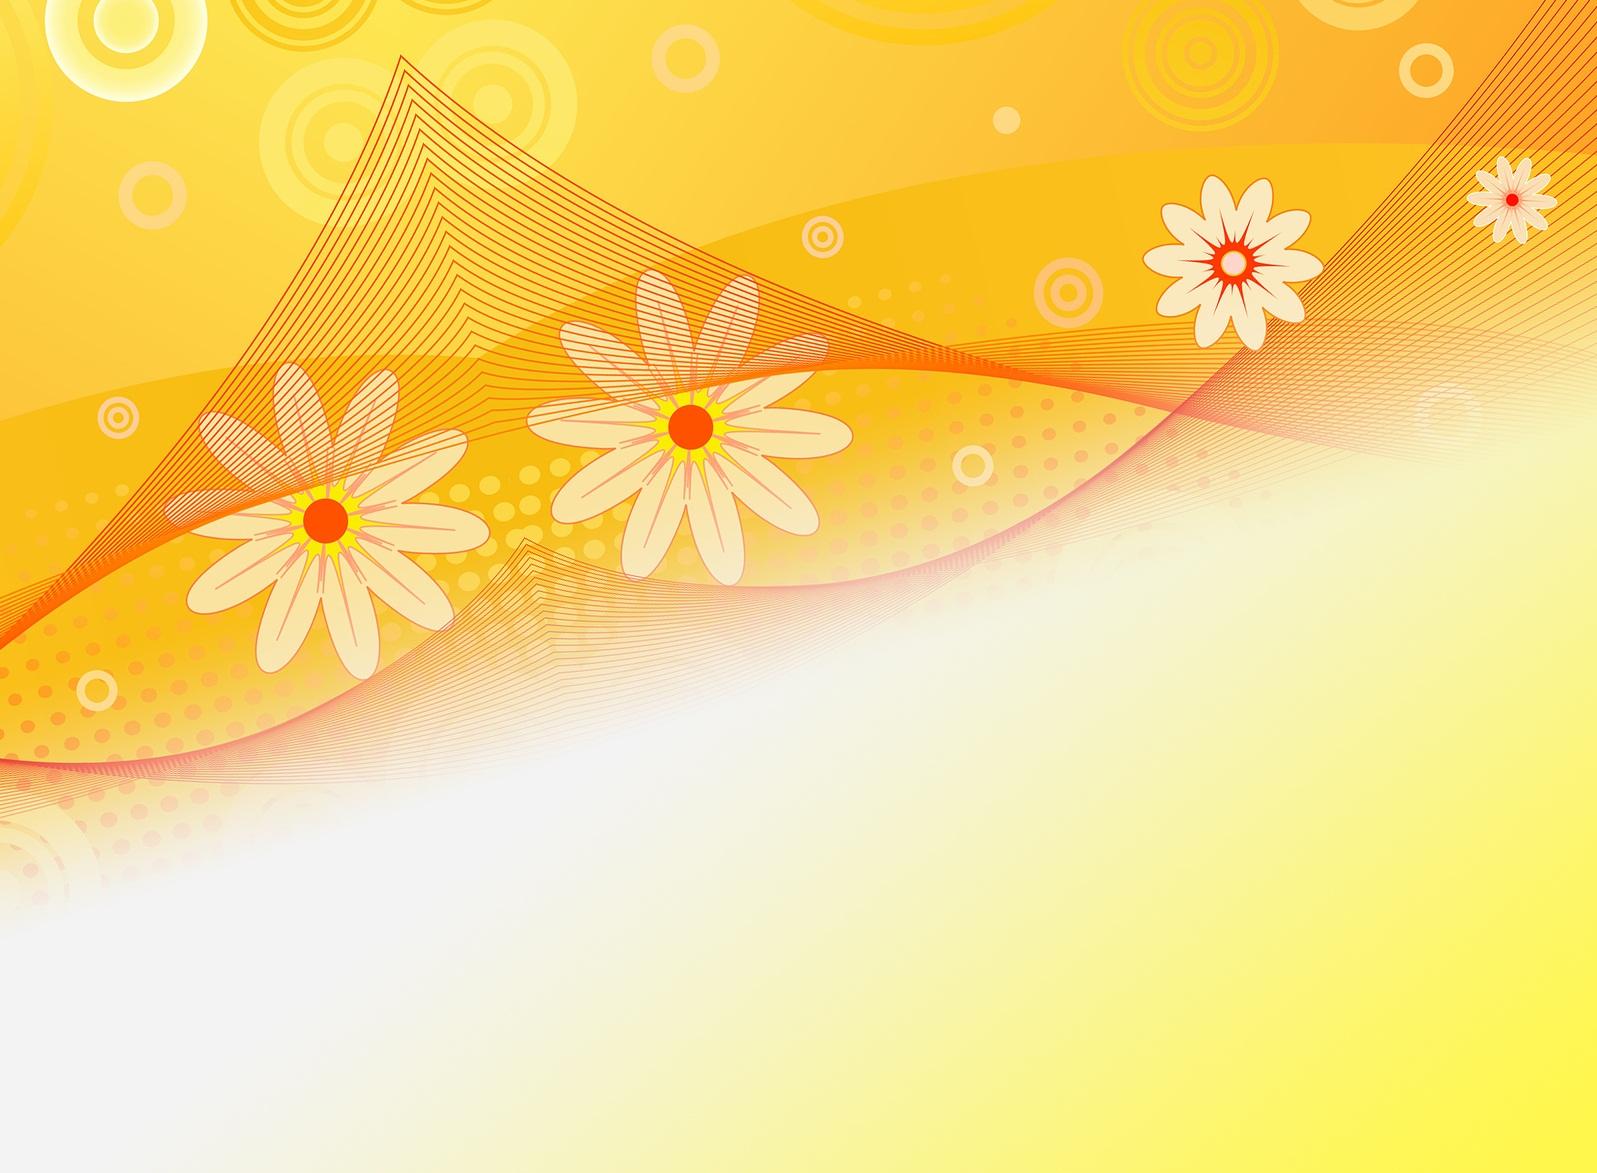 cute background designs